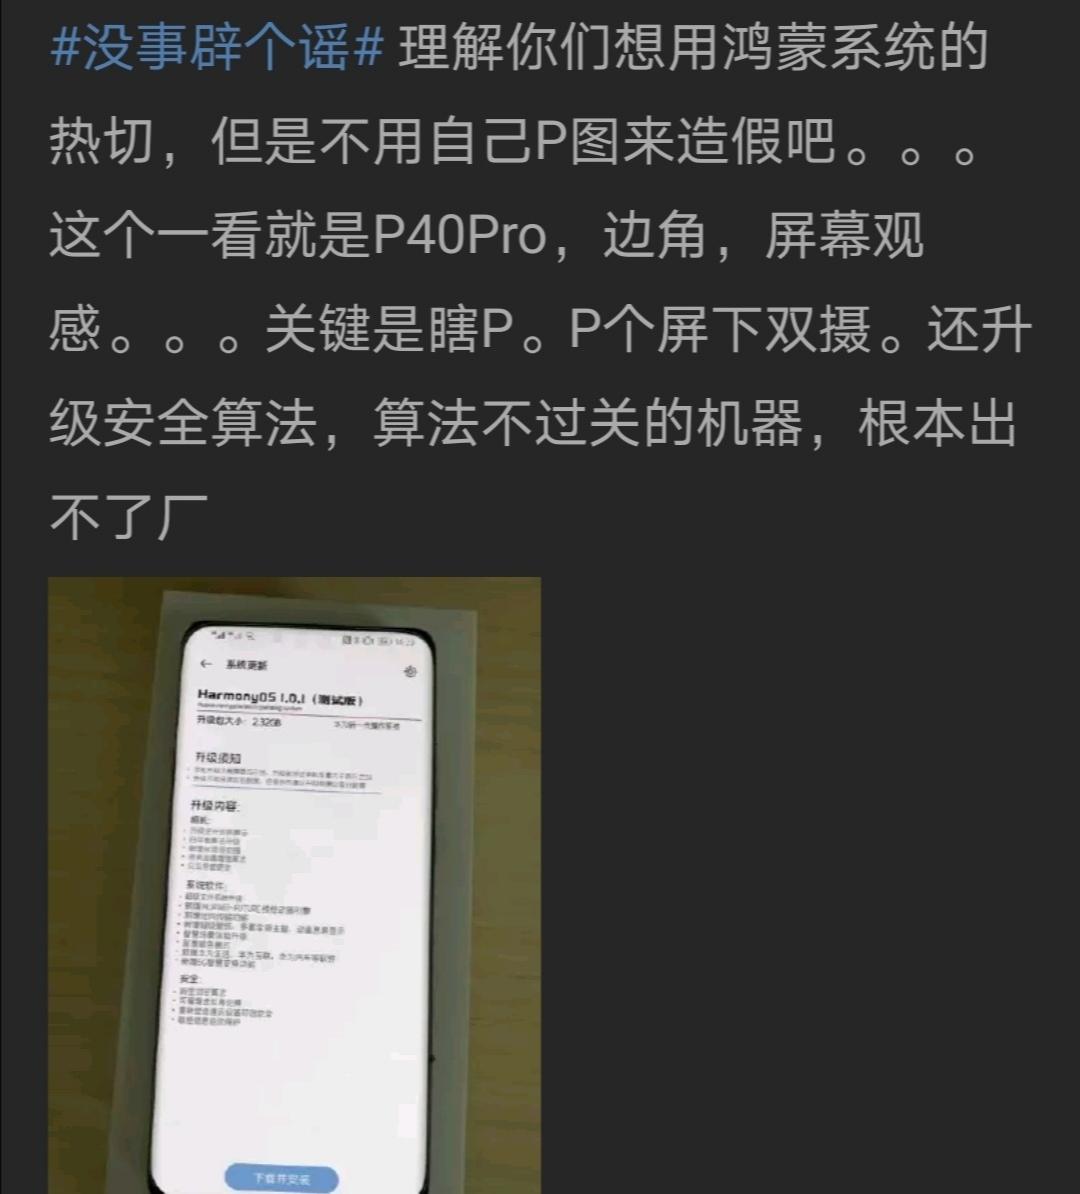 Screenshot_20200508_221405.jpg